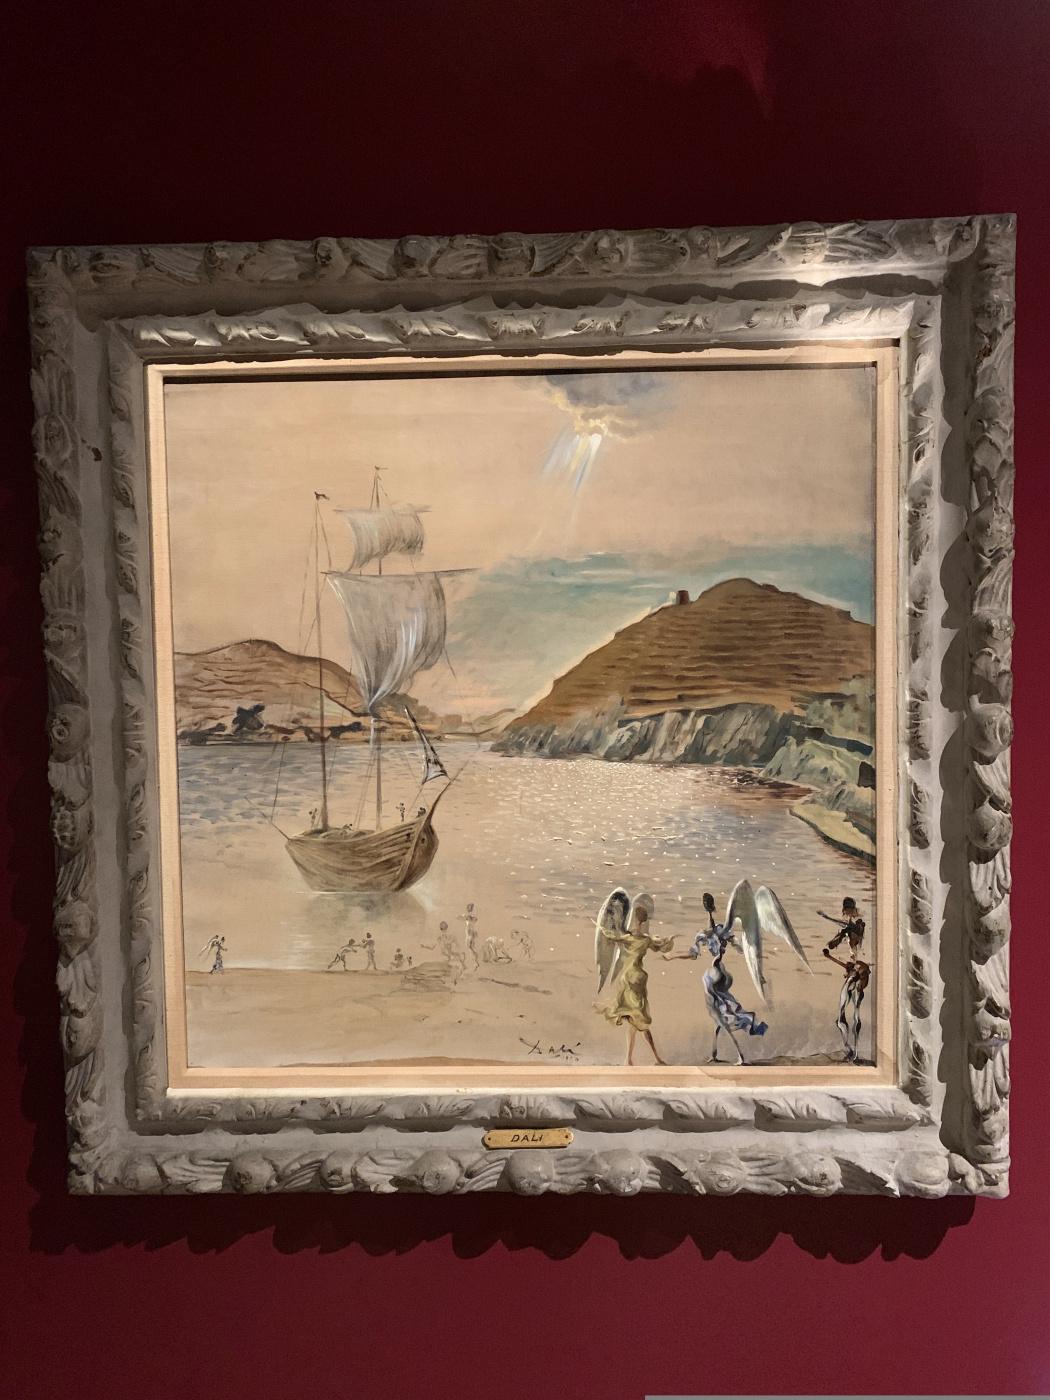 Salvador Dale. Landscape of Port Lligat with familiar angels and fishermen